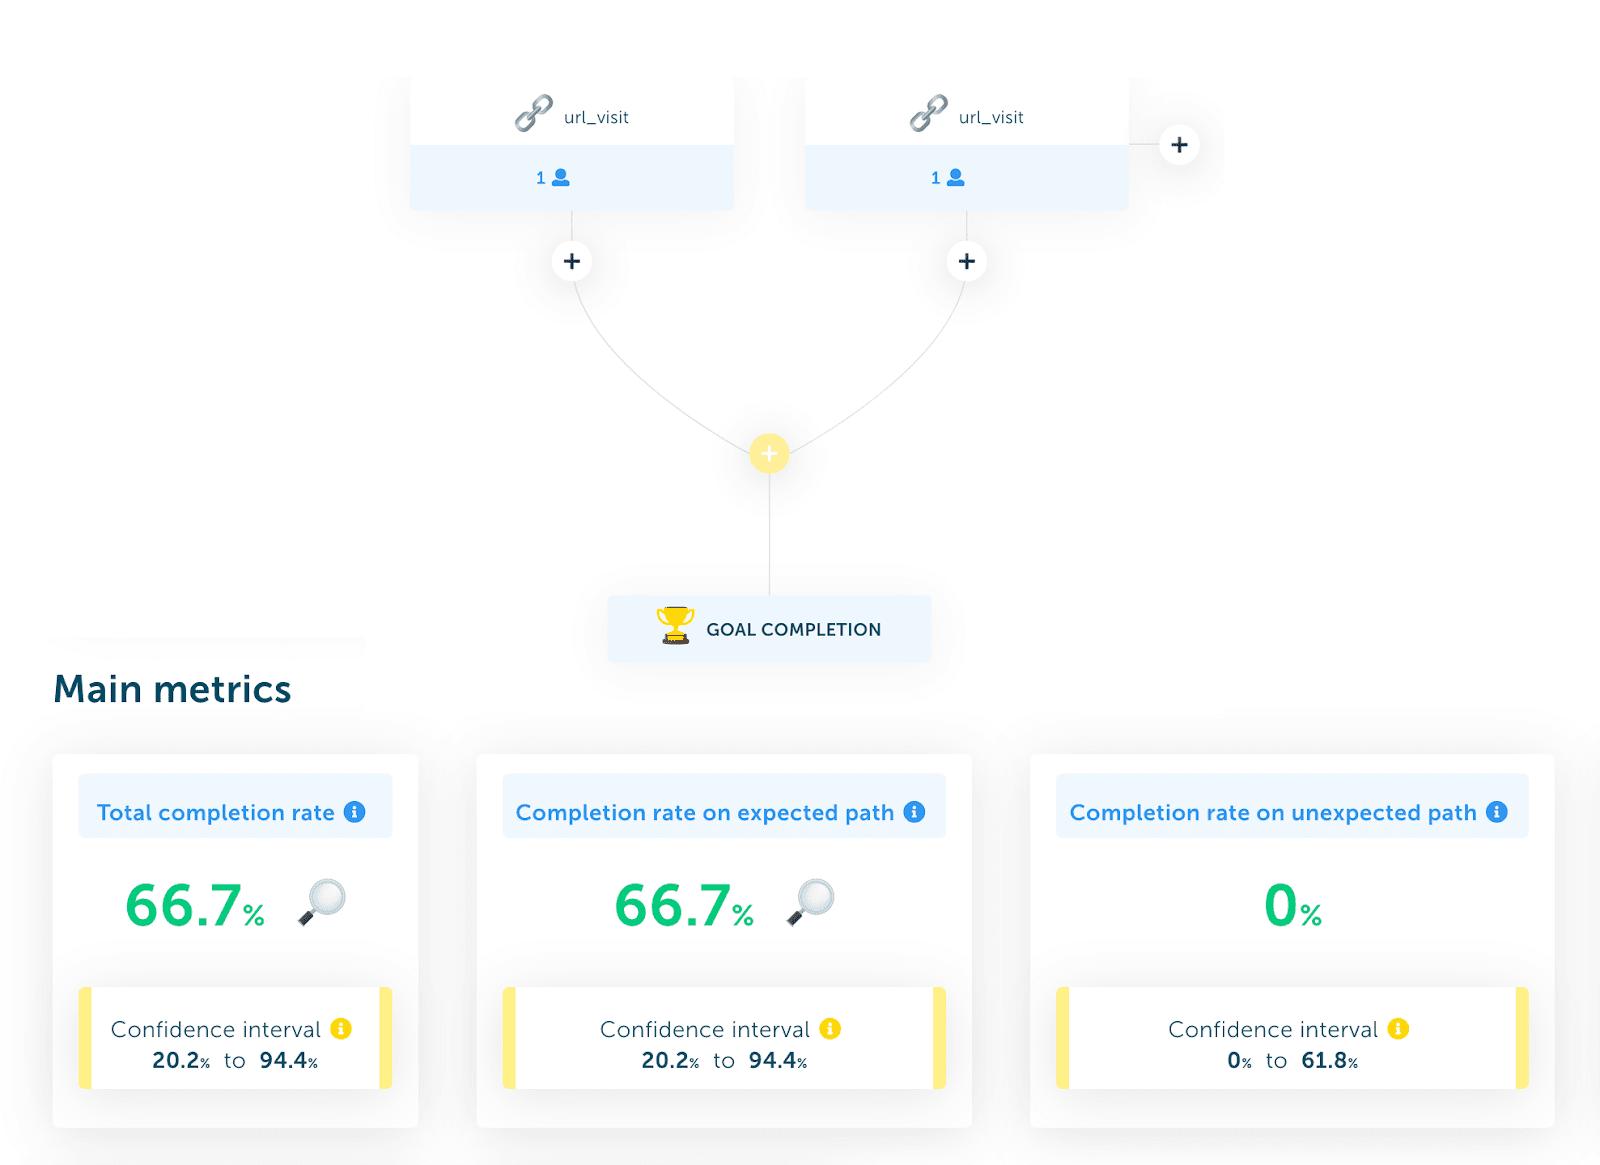 grafico visivo dei tassi di completamento del percorso previsti / inattesi per il test di usabilità.